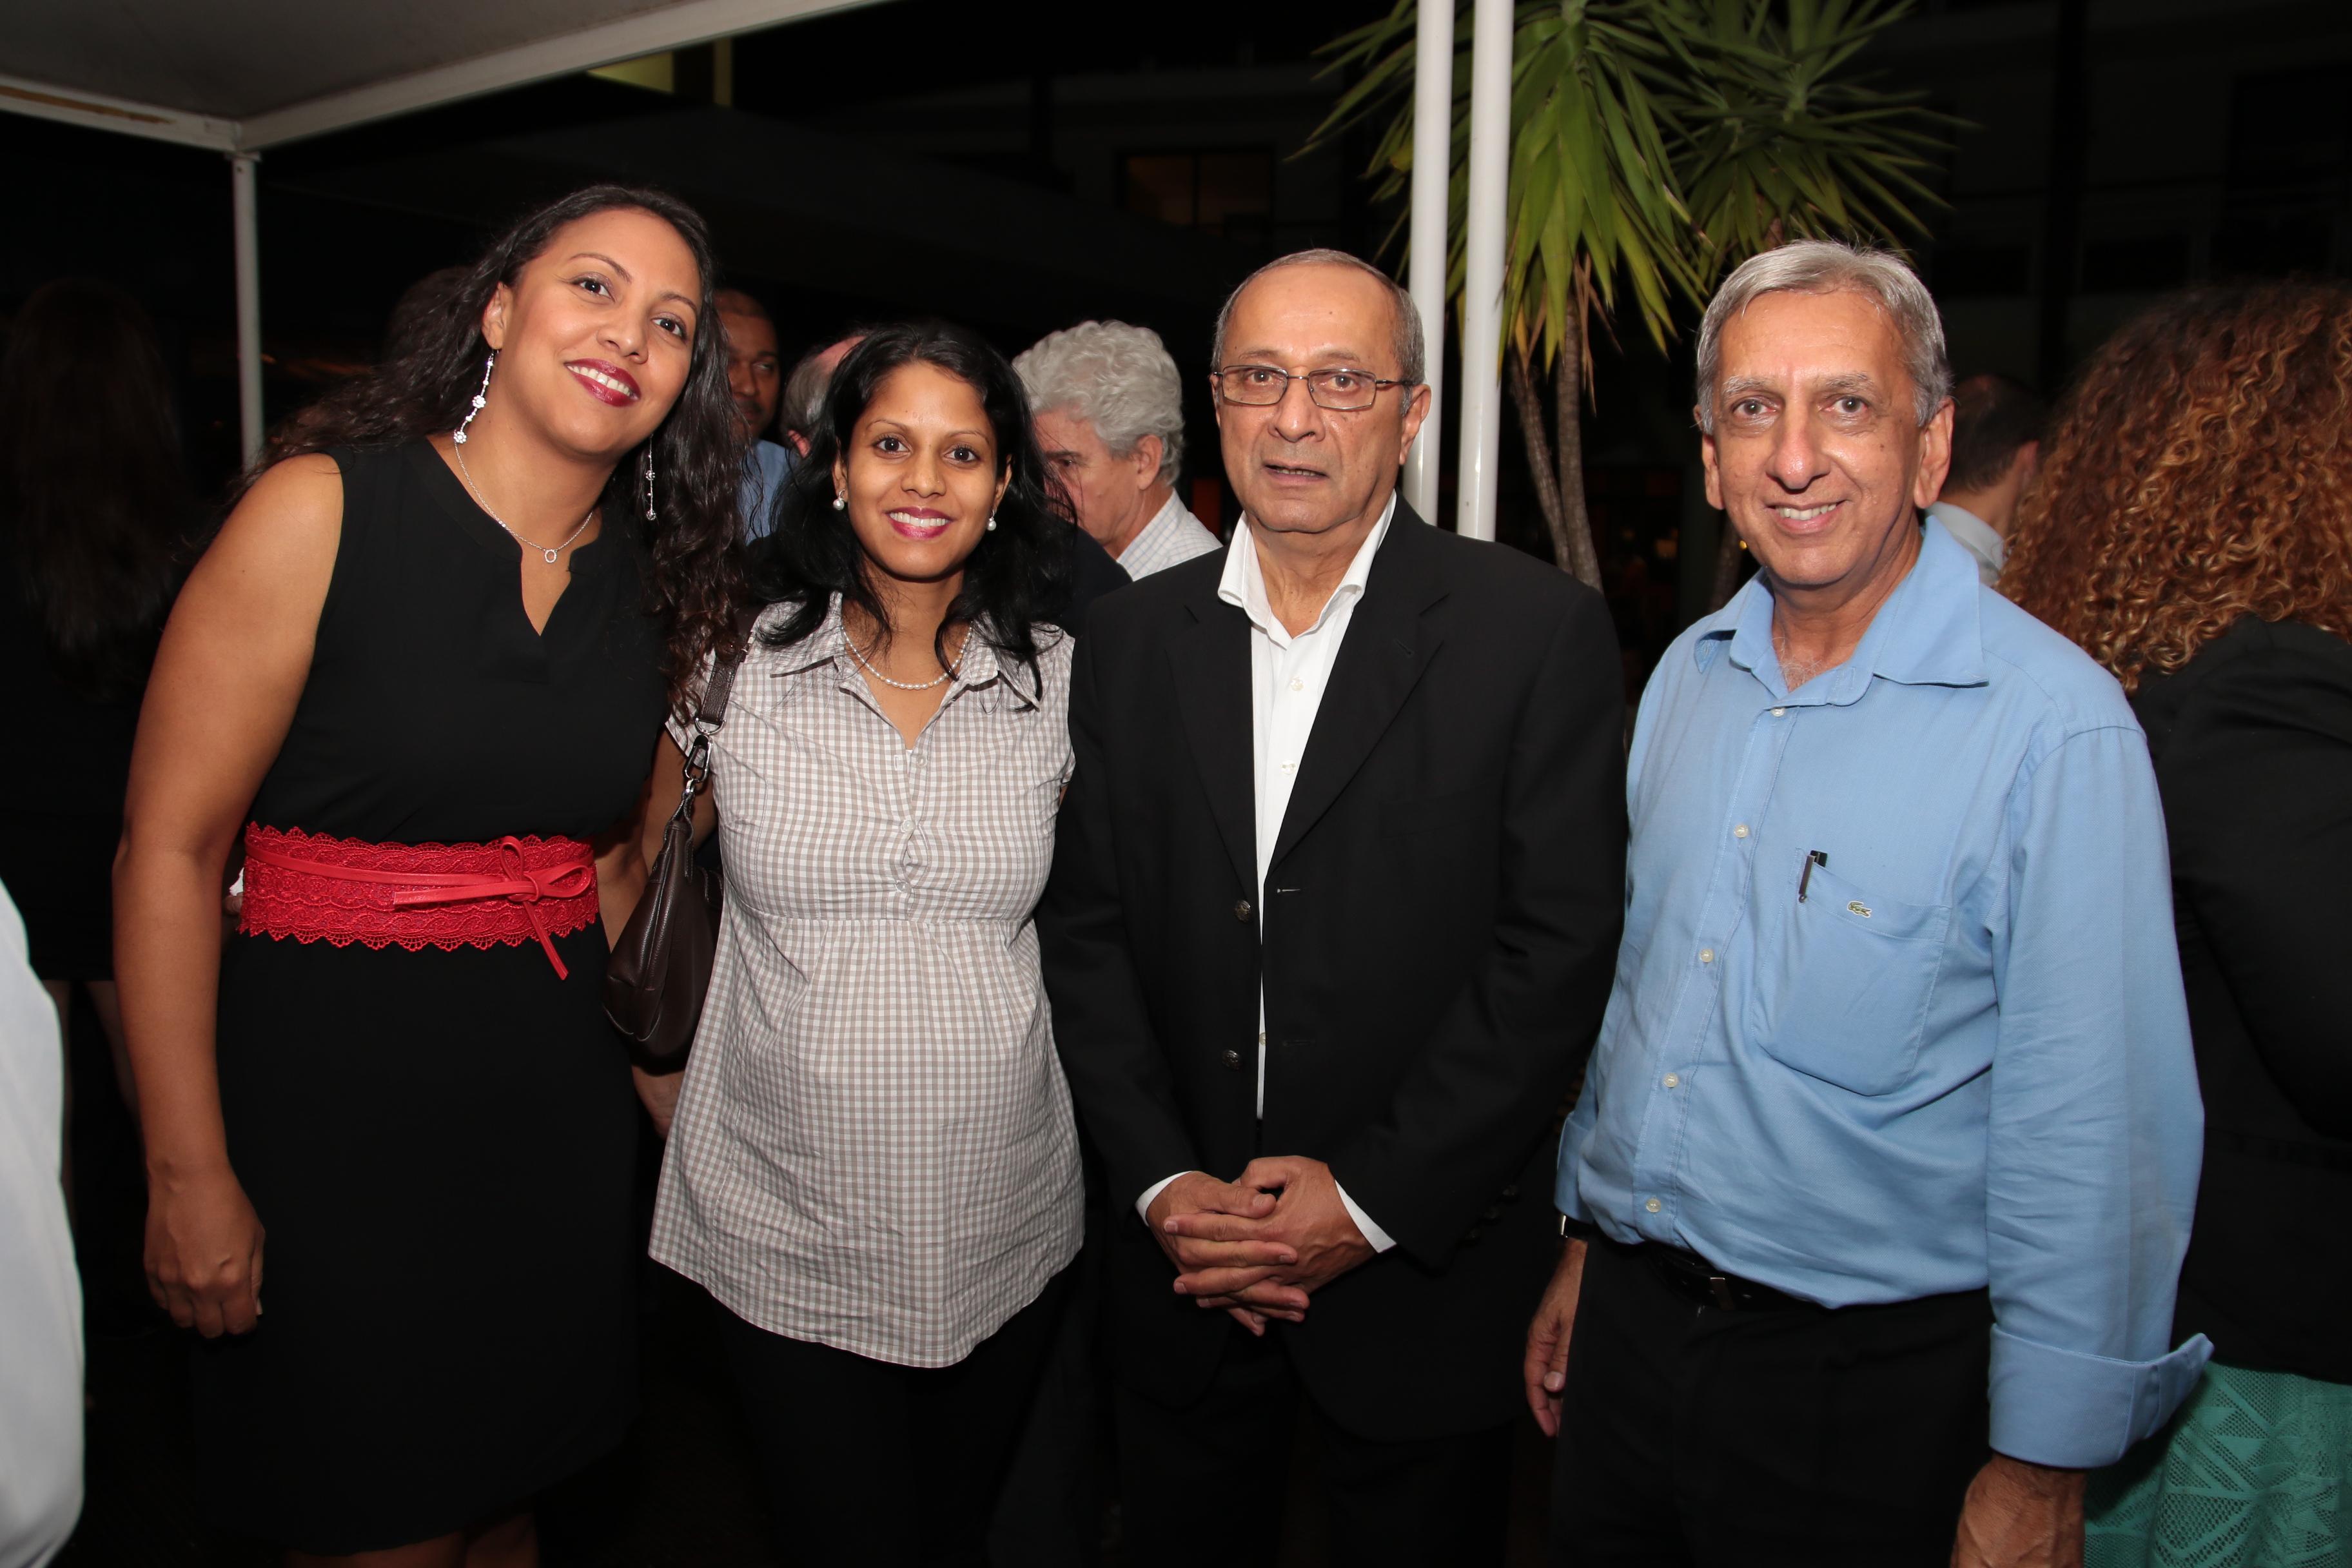 Erika Rafougilet, Assistante RH Ecoré, Audrey Pony, Gestionnaire RH Automobiles Réunion, Rafik Cassam-Chenaï et Aziz Patel